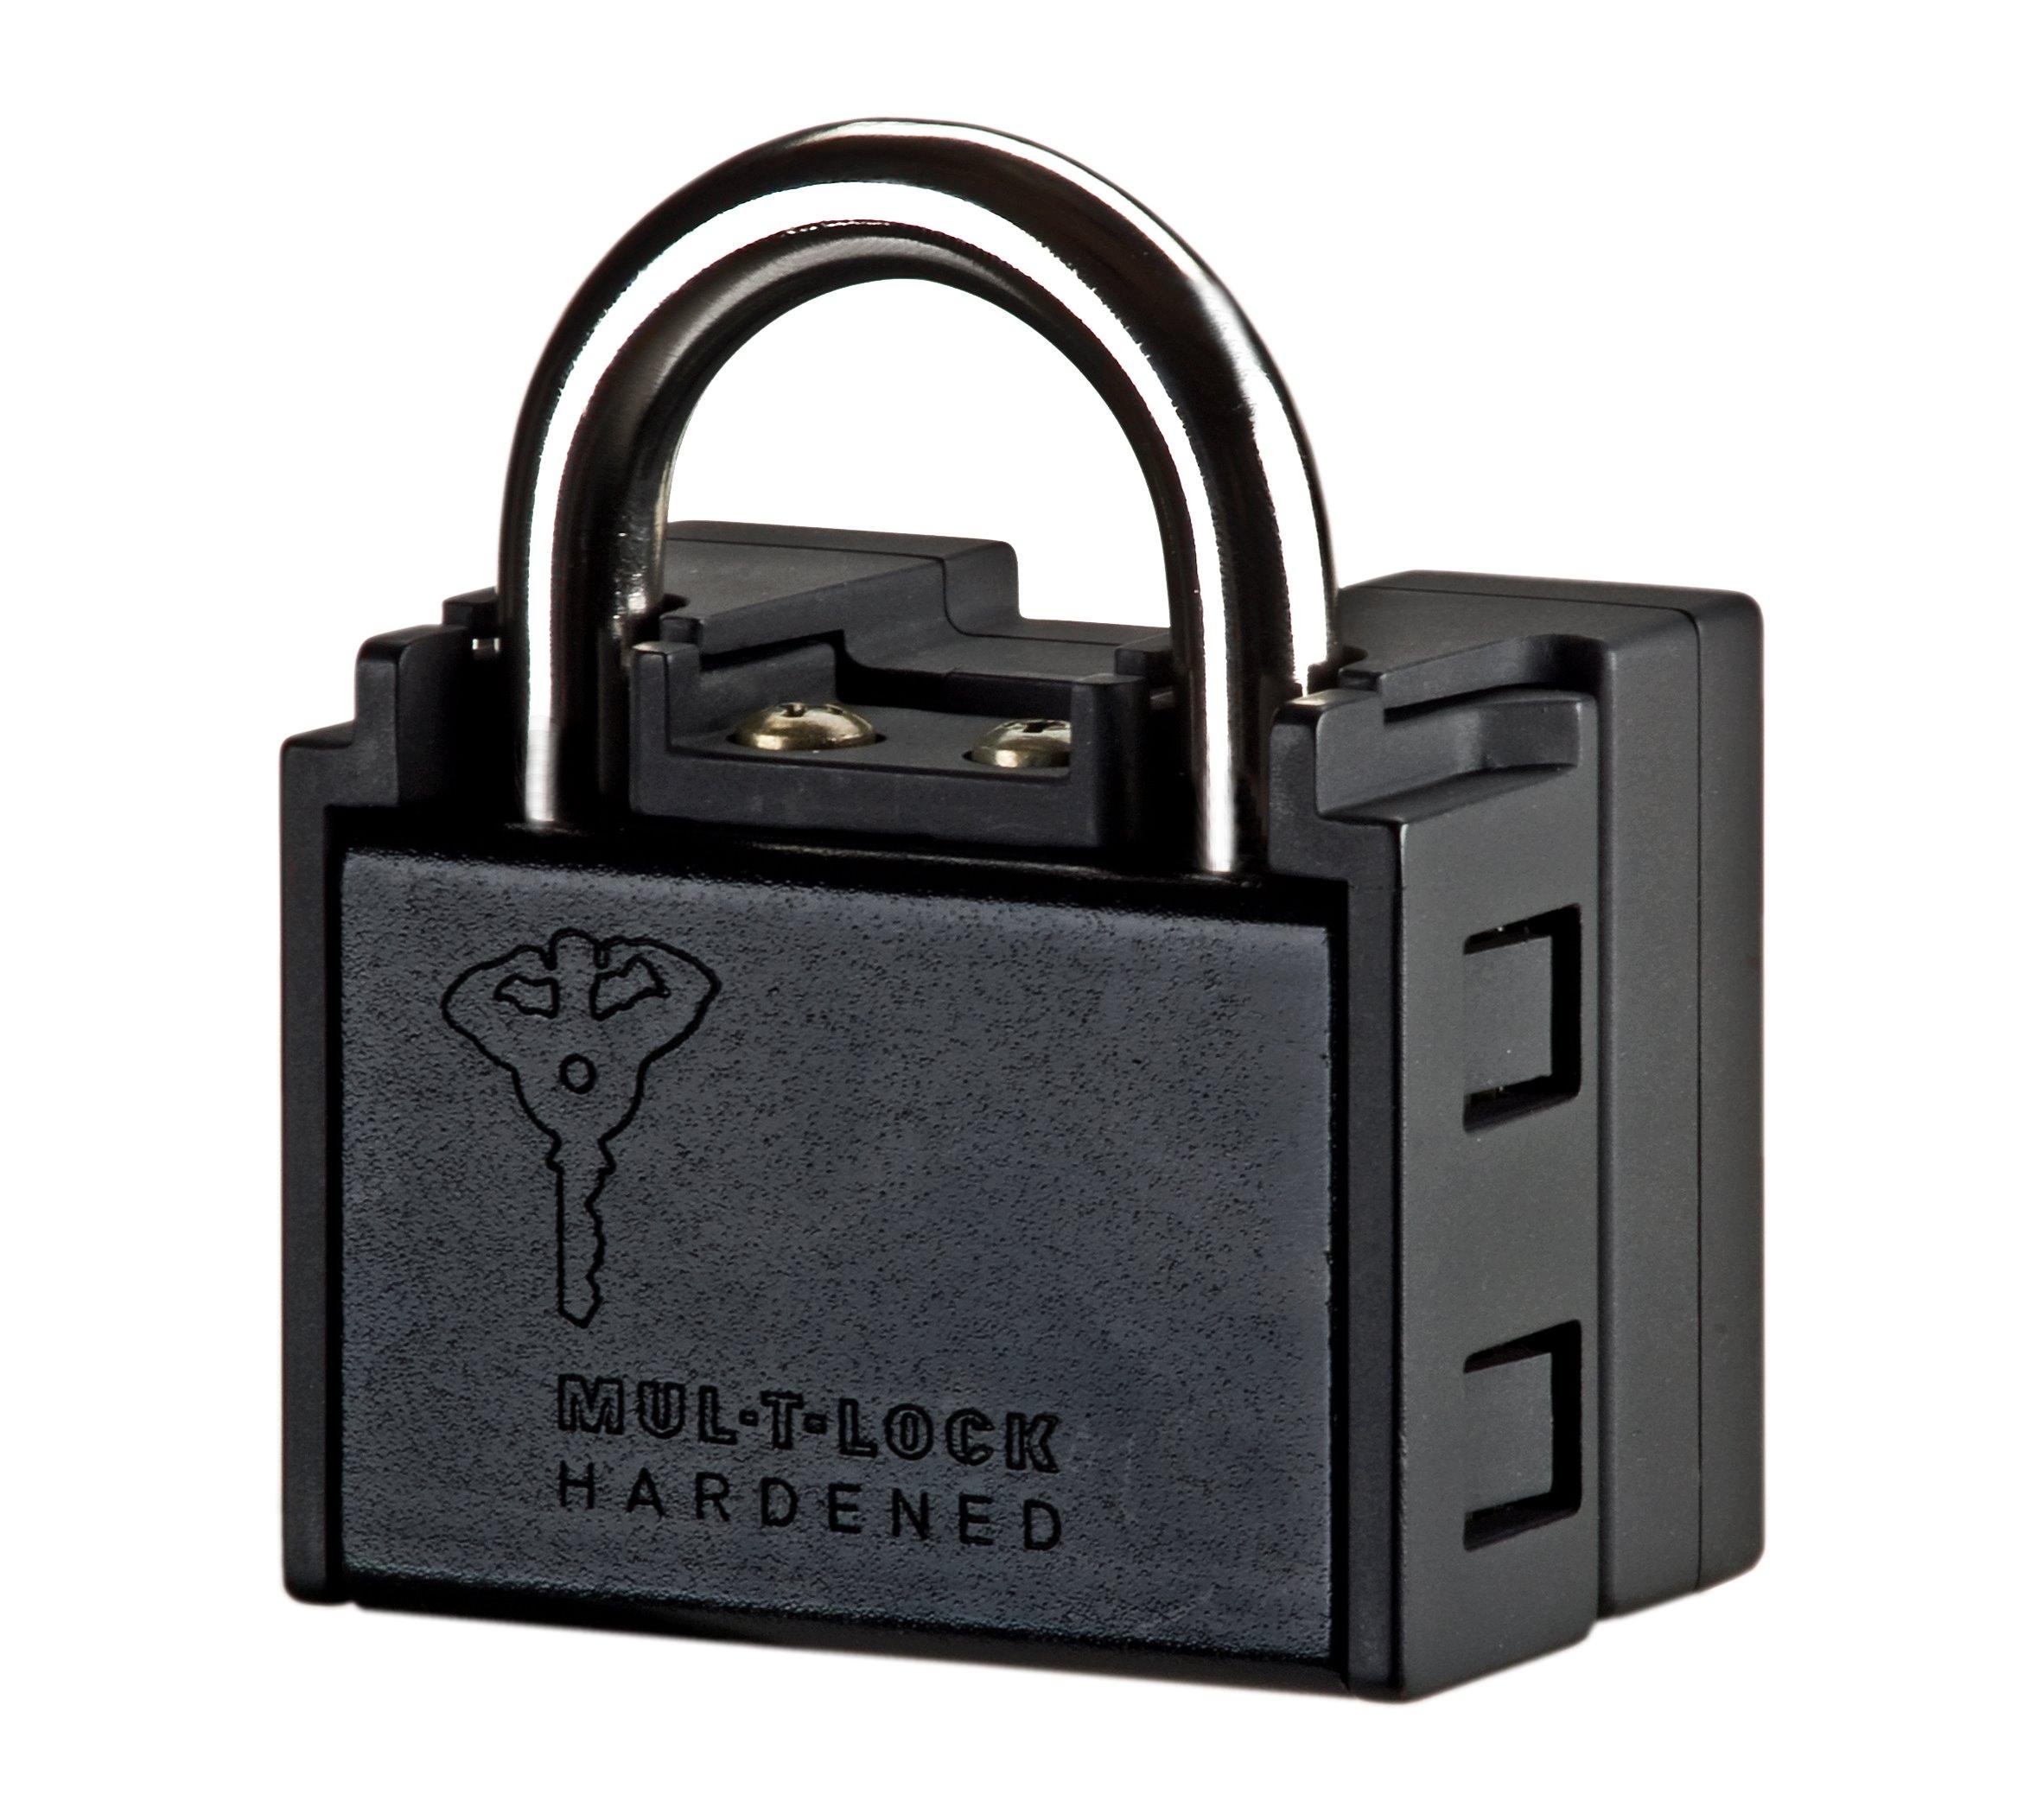 WatchLock®. Locks. Alerts. Secures.